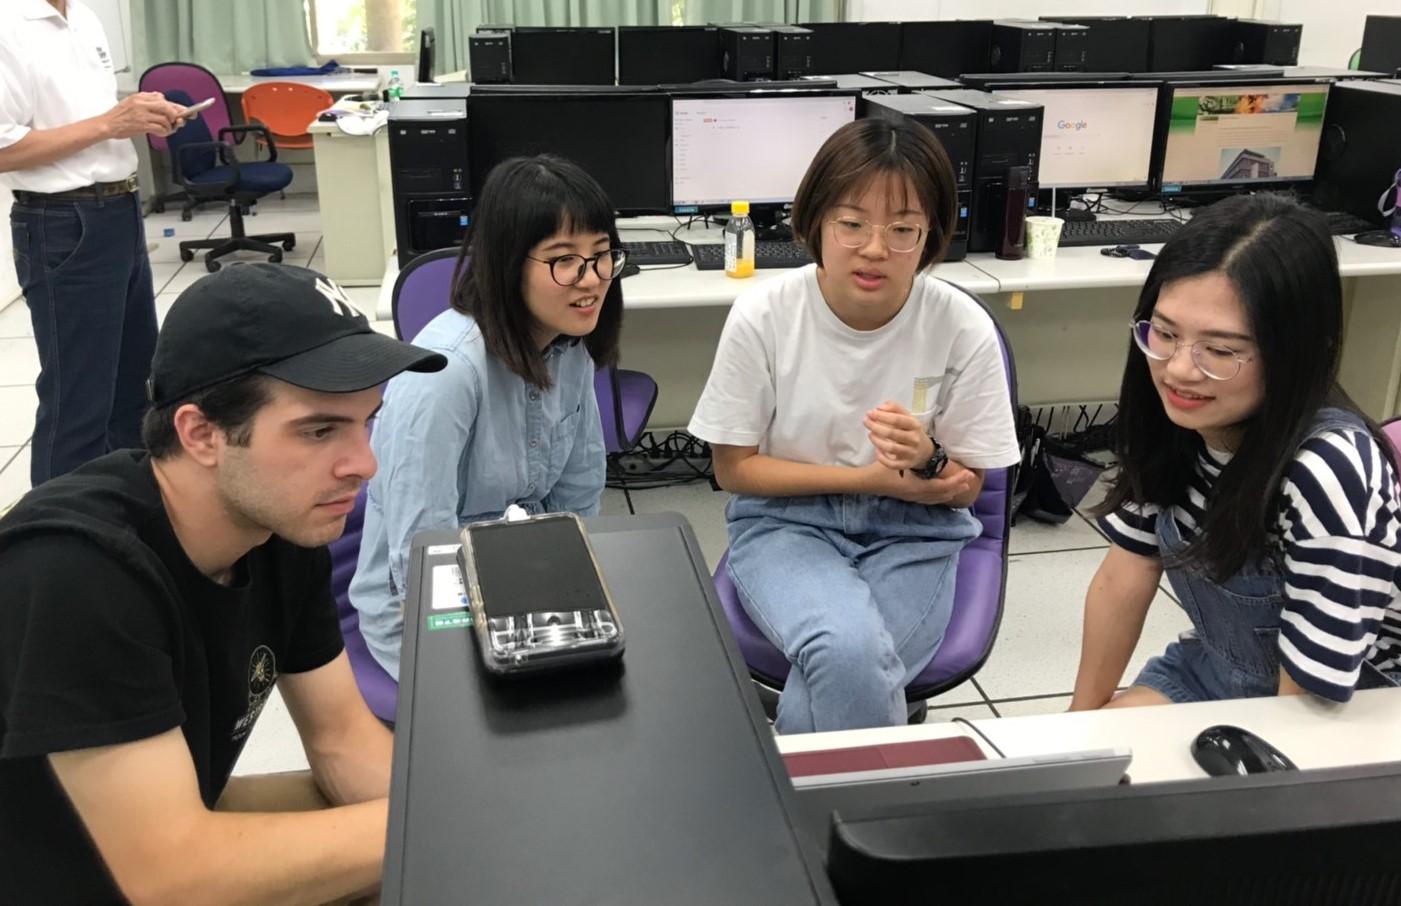 中原大學國際營隊,來自不同國家的學生互相學習、激盪創意。.jpg